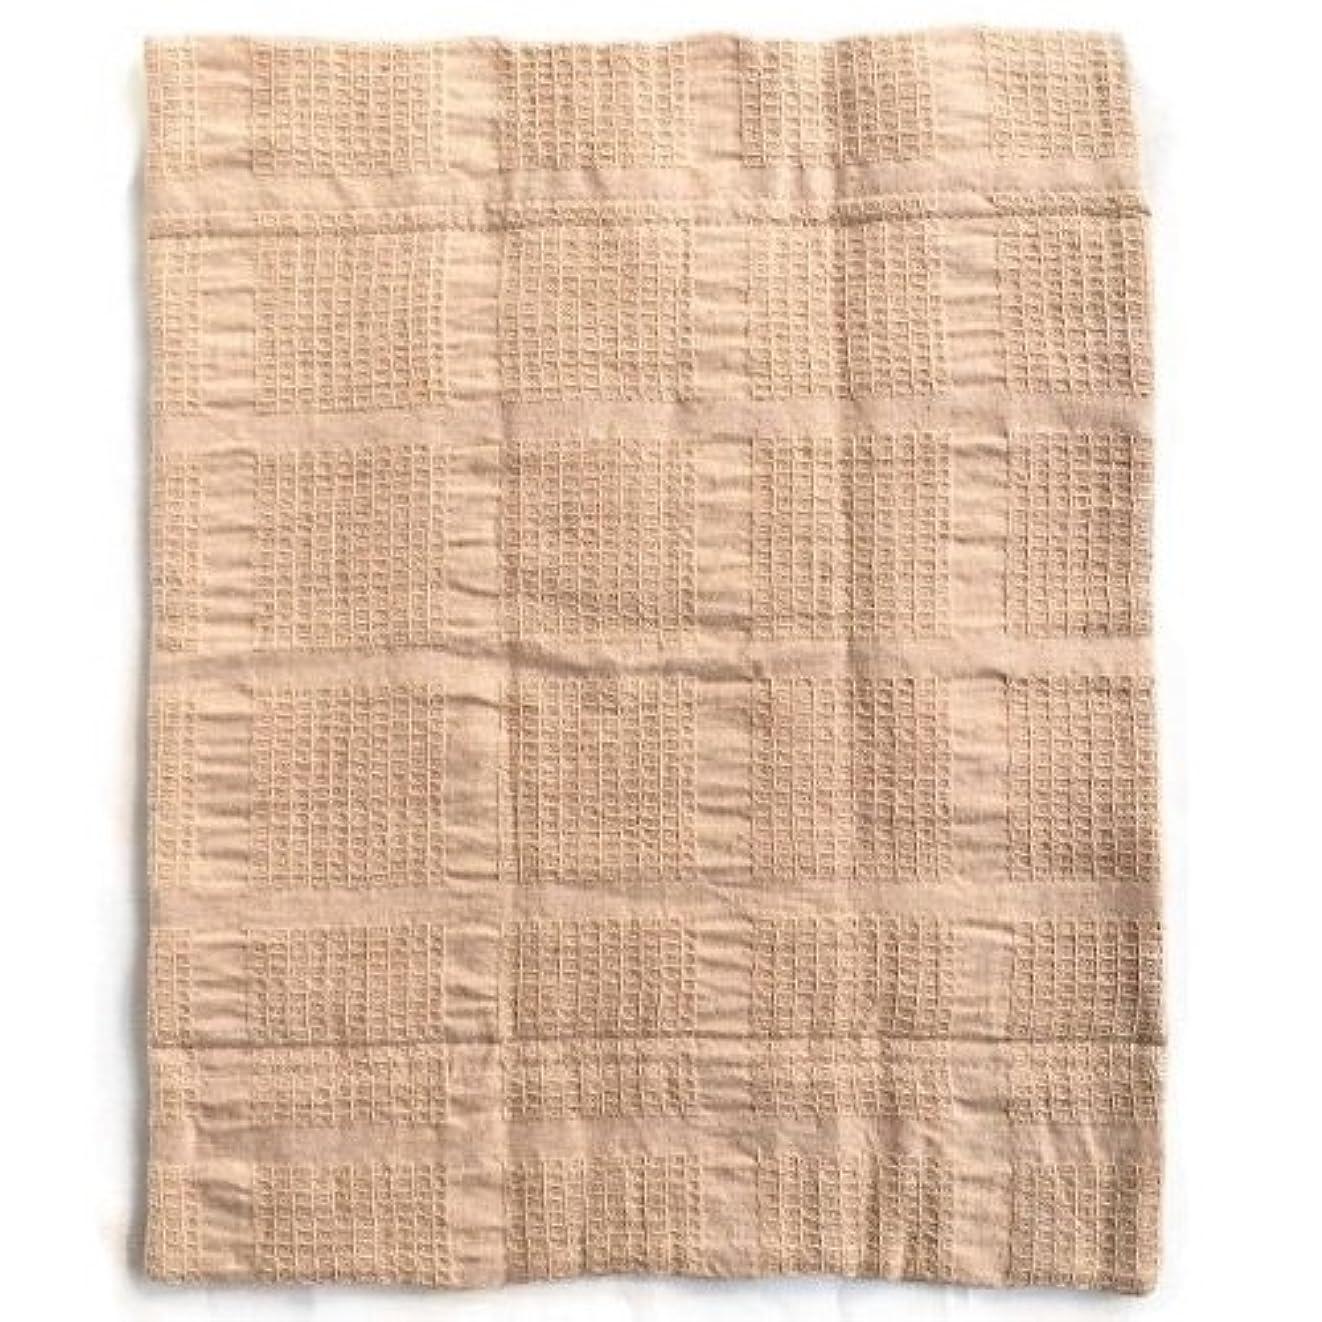 権威起こりやすいお尻華布のオーガニックコットンの布ナプキン LLサイズ(約28cm×約35cm) 1枚入り